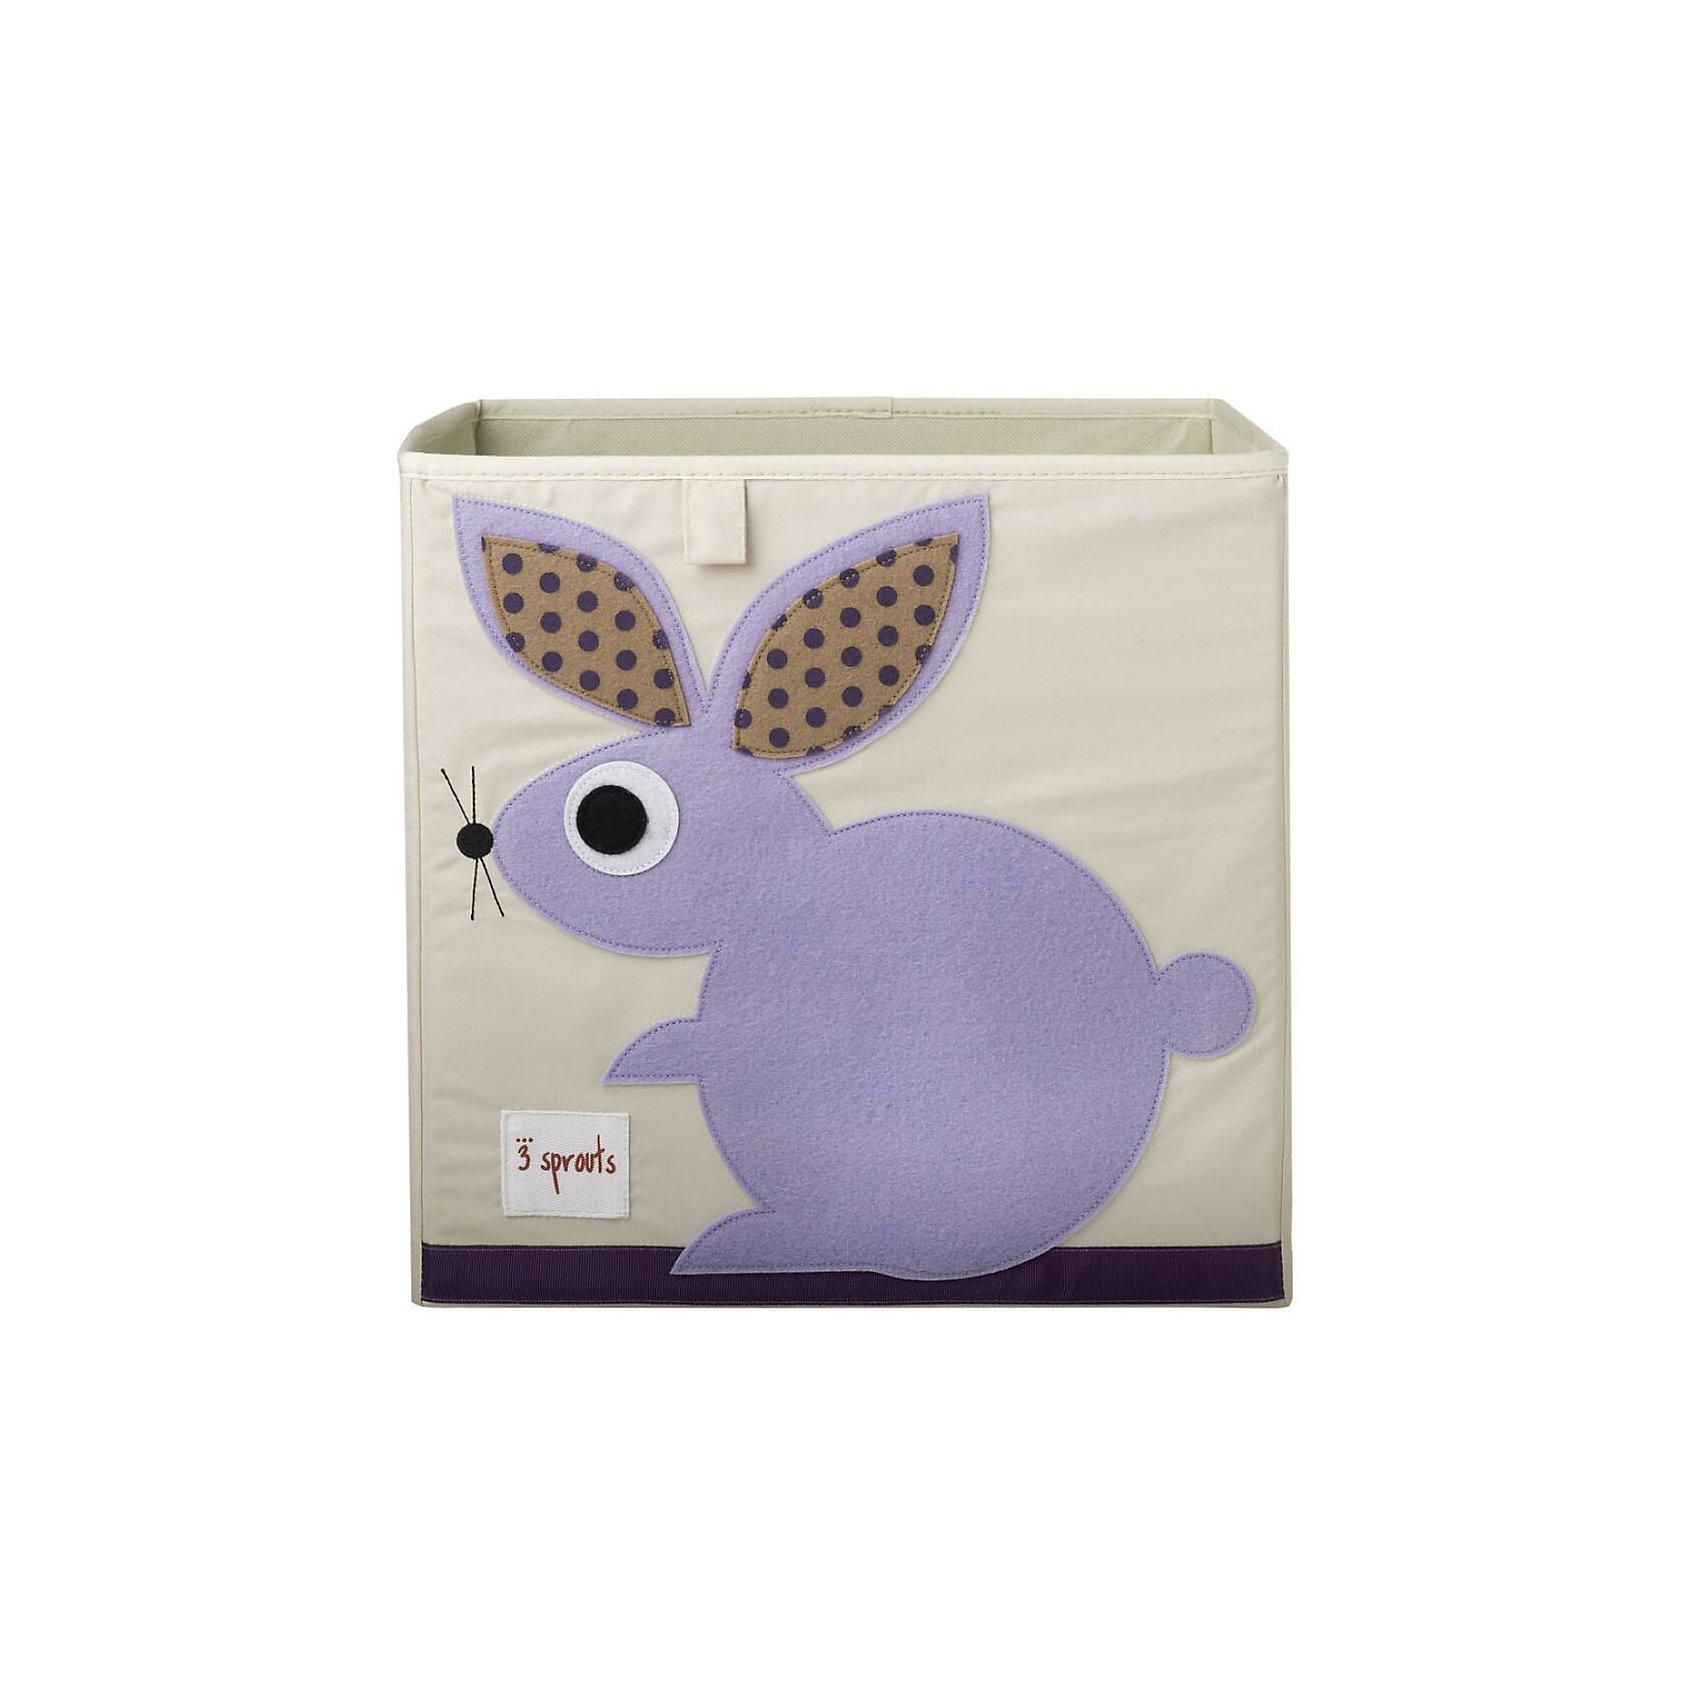 Коробка для хранения Кролик (Purple Rabbit), 3 SproutsКрасивая коробка - это не только место для хранения вещей, но и прекрасный декор любой комнаты.<br><br>Дополнительная информация:<br><br>- Размер: 33x33x33 см.<br>- Материал: полиэстер.<br>- Орнамент: Кролик.<br><br>Купить коробку для хранения Кролик (Purple Rabbit), можно в нашем магазине.<br><br>Ширина мм: 330<br>Глубина мм: 20<br>Высота мм: 330<br>Вес г: 830<br>Возраст от месяцев: 6<br>Возраст до месяцев: 84<br>Пол: Унисекс<br>Возраст: Детский<br>SKU: 5098225